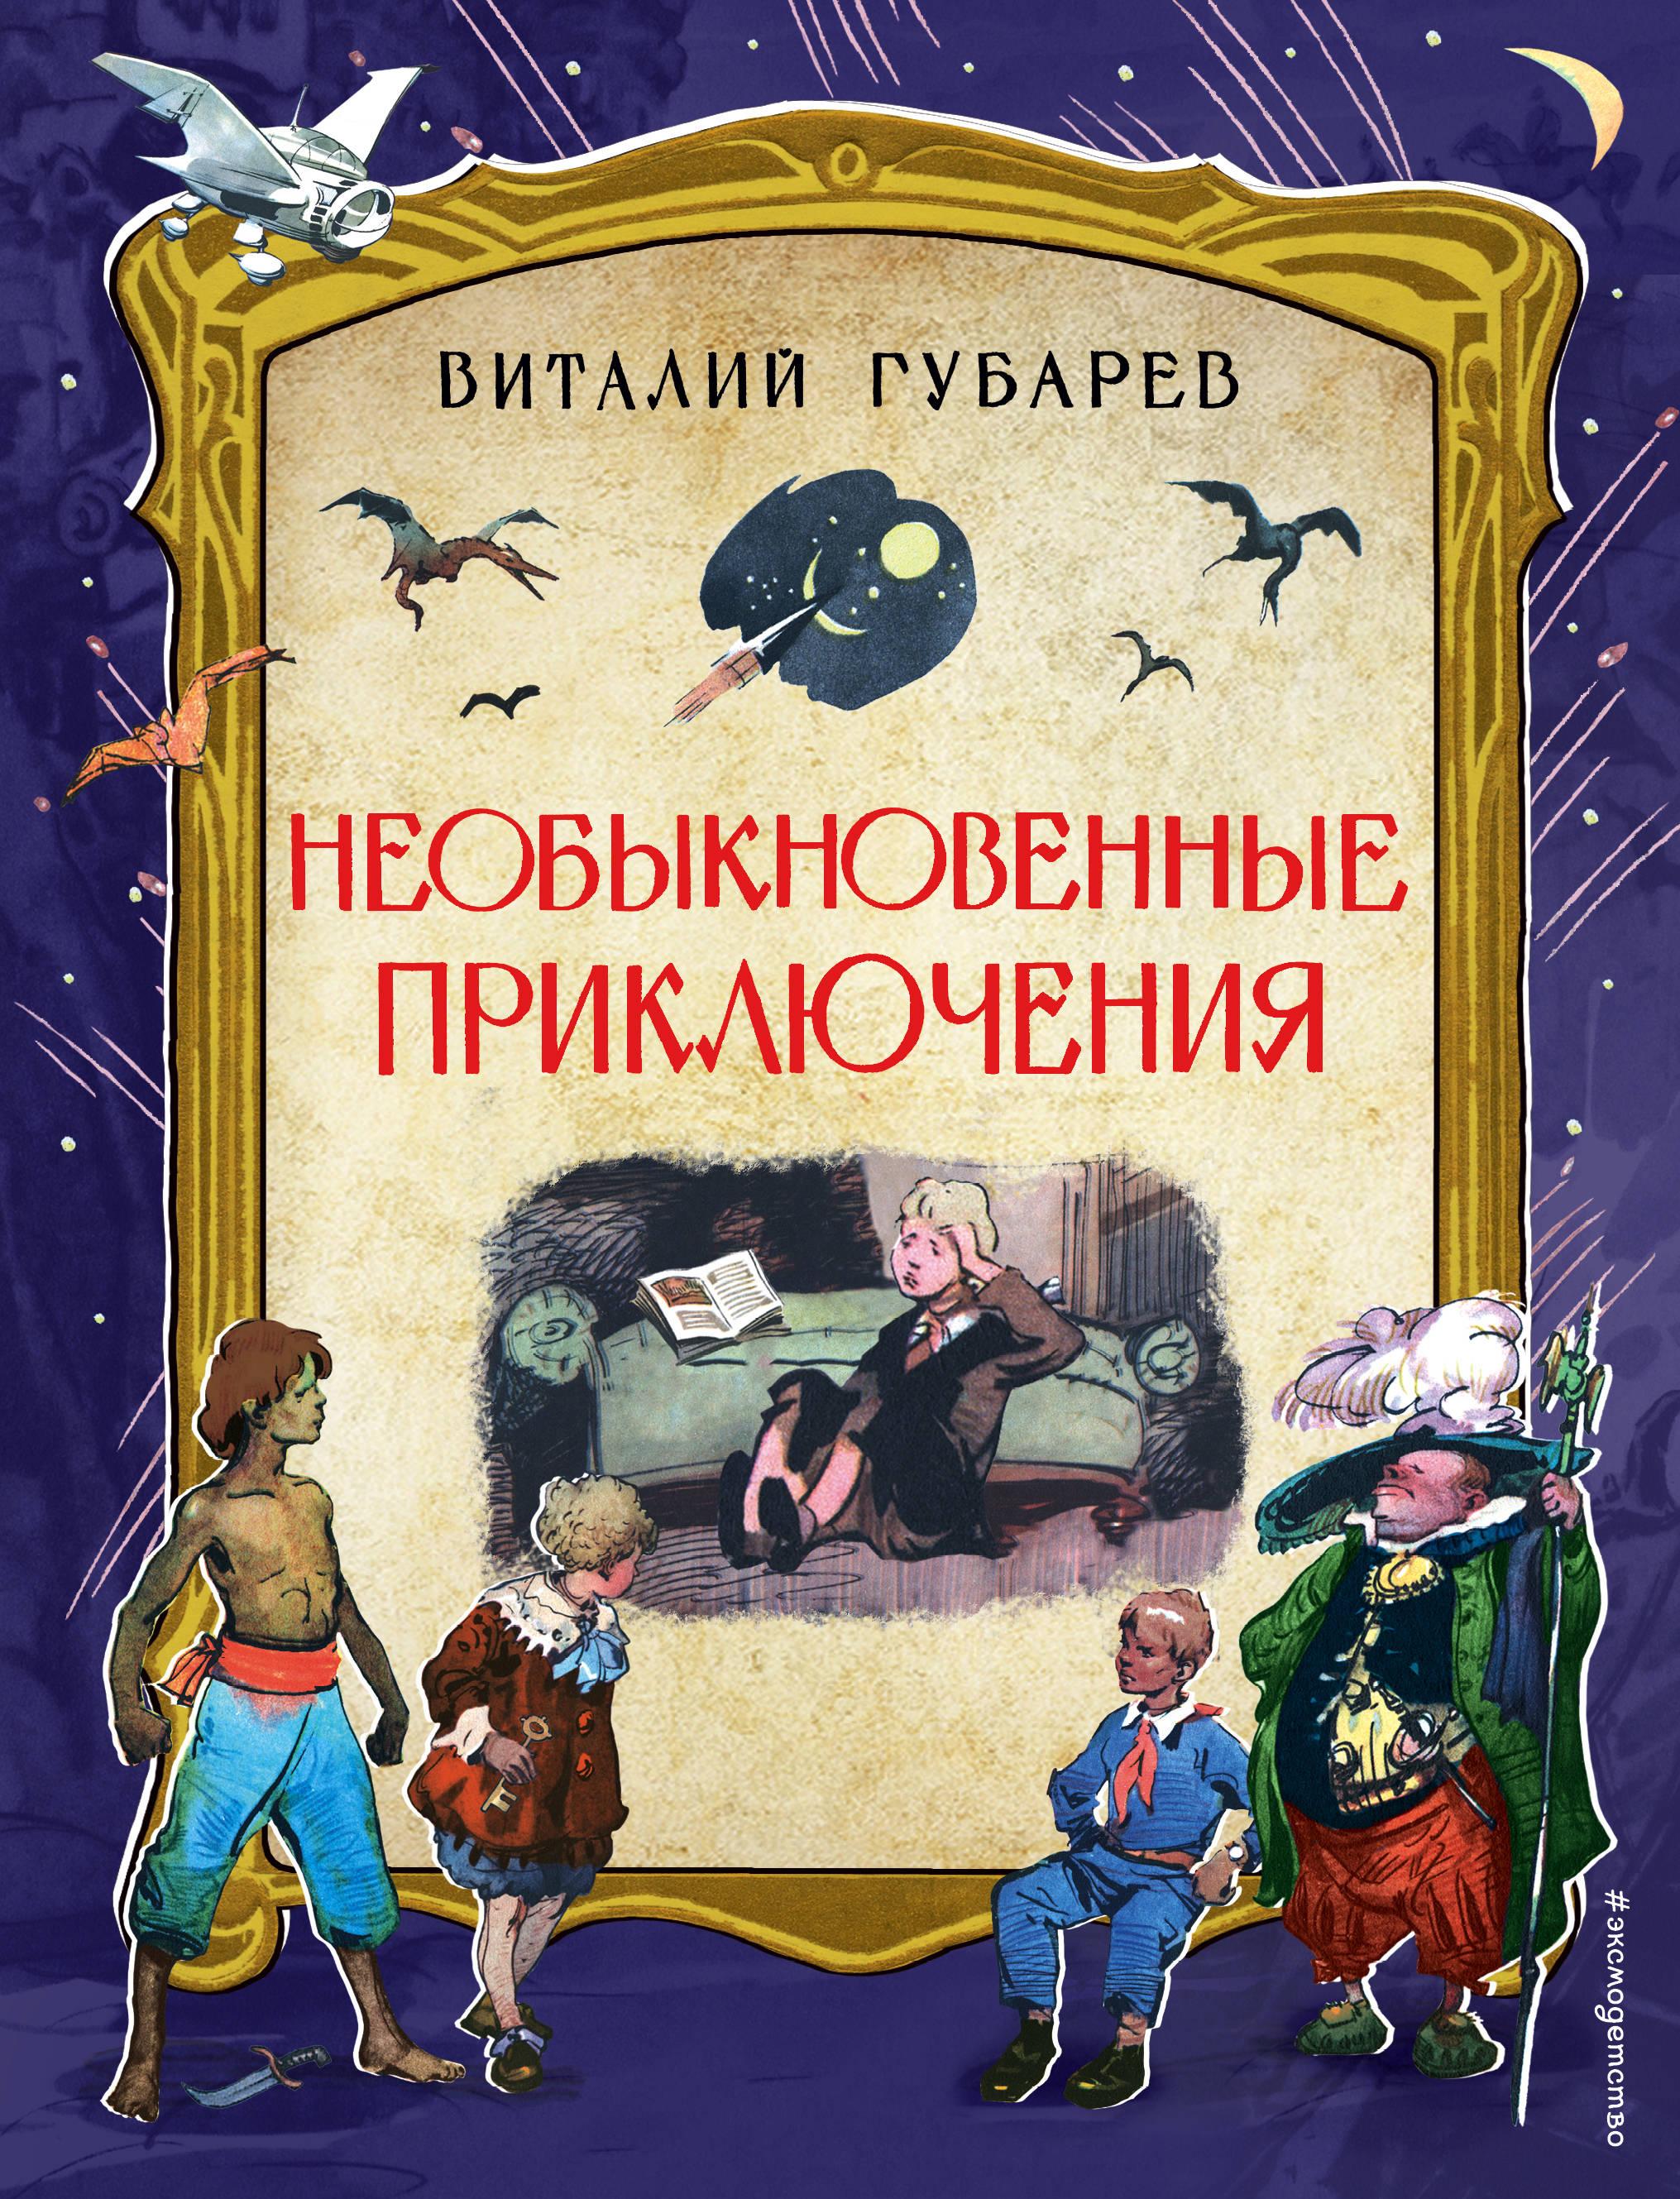 купить Виталий Губарев Необыкновенные приключения по цене 434 рублей